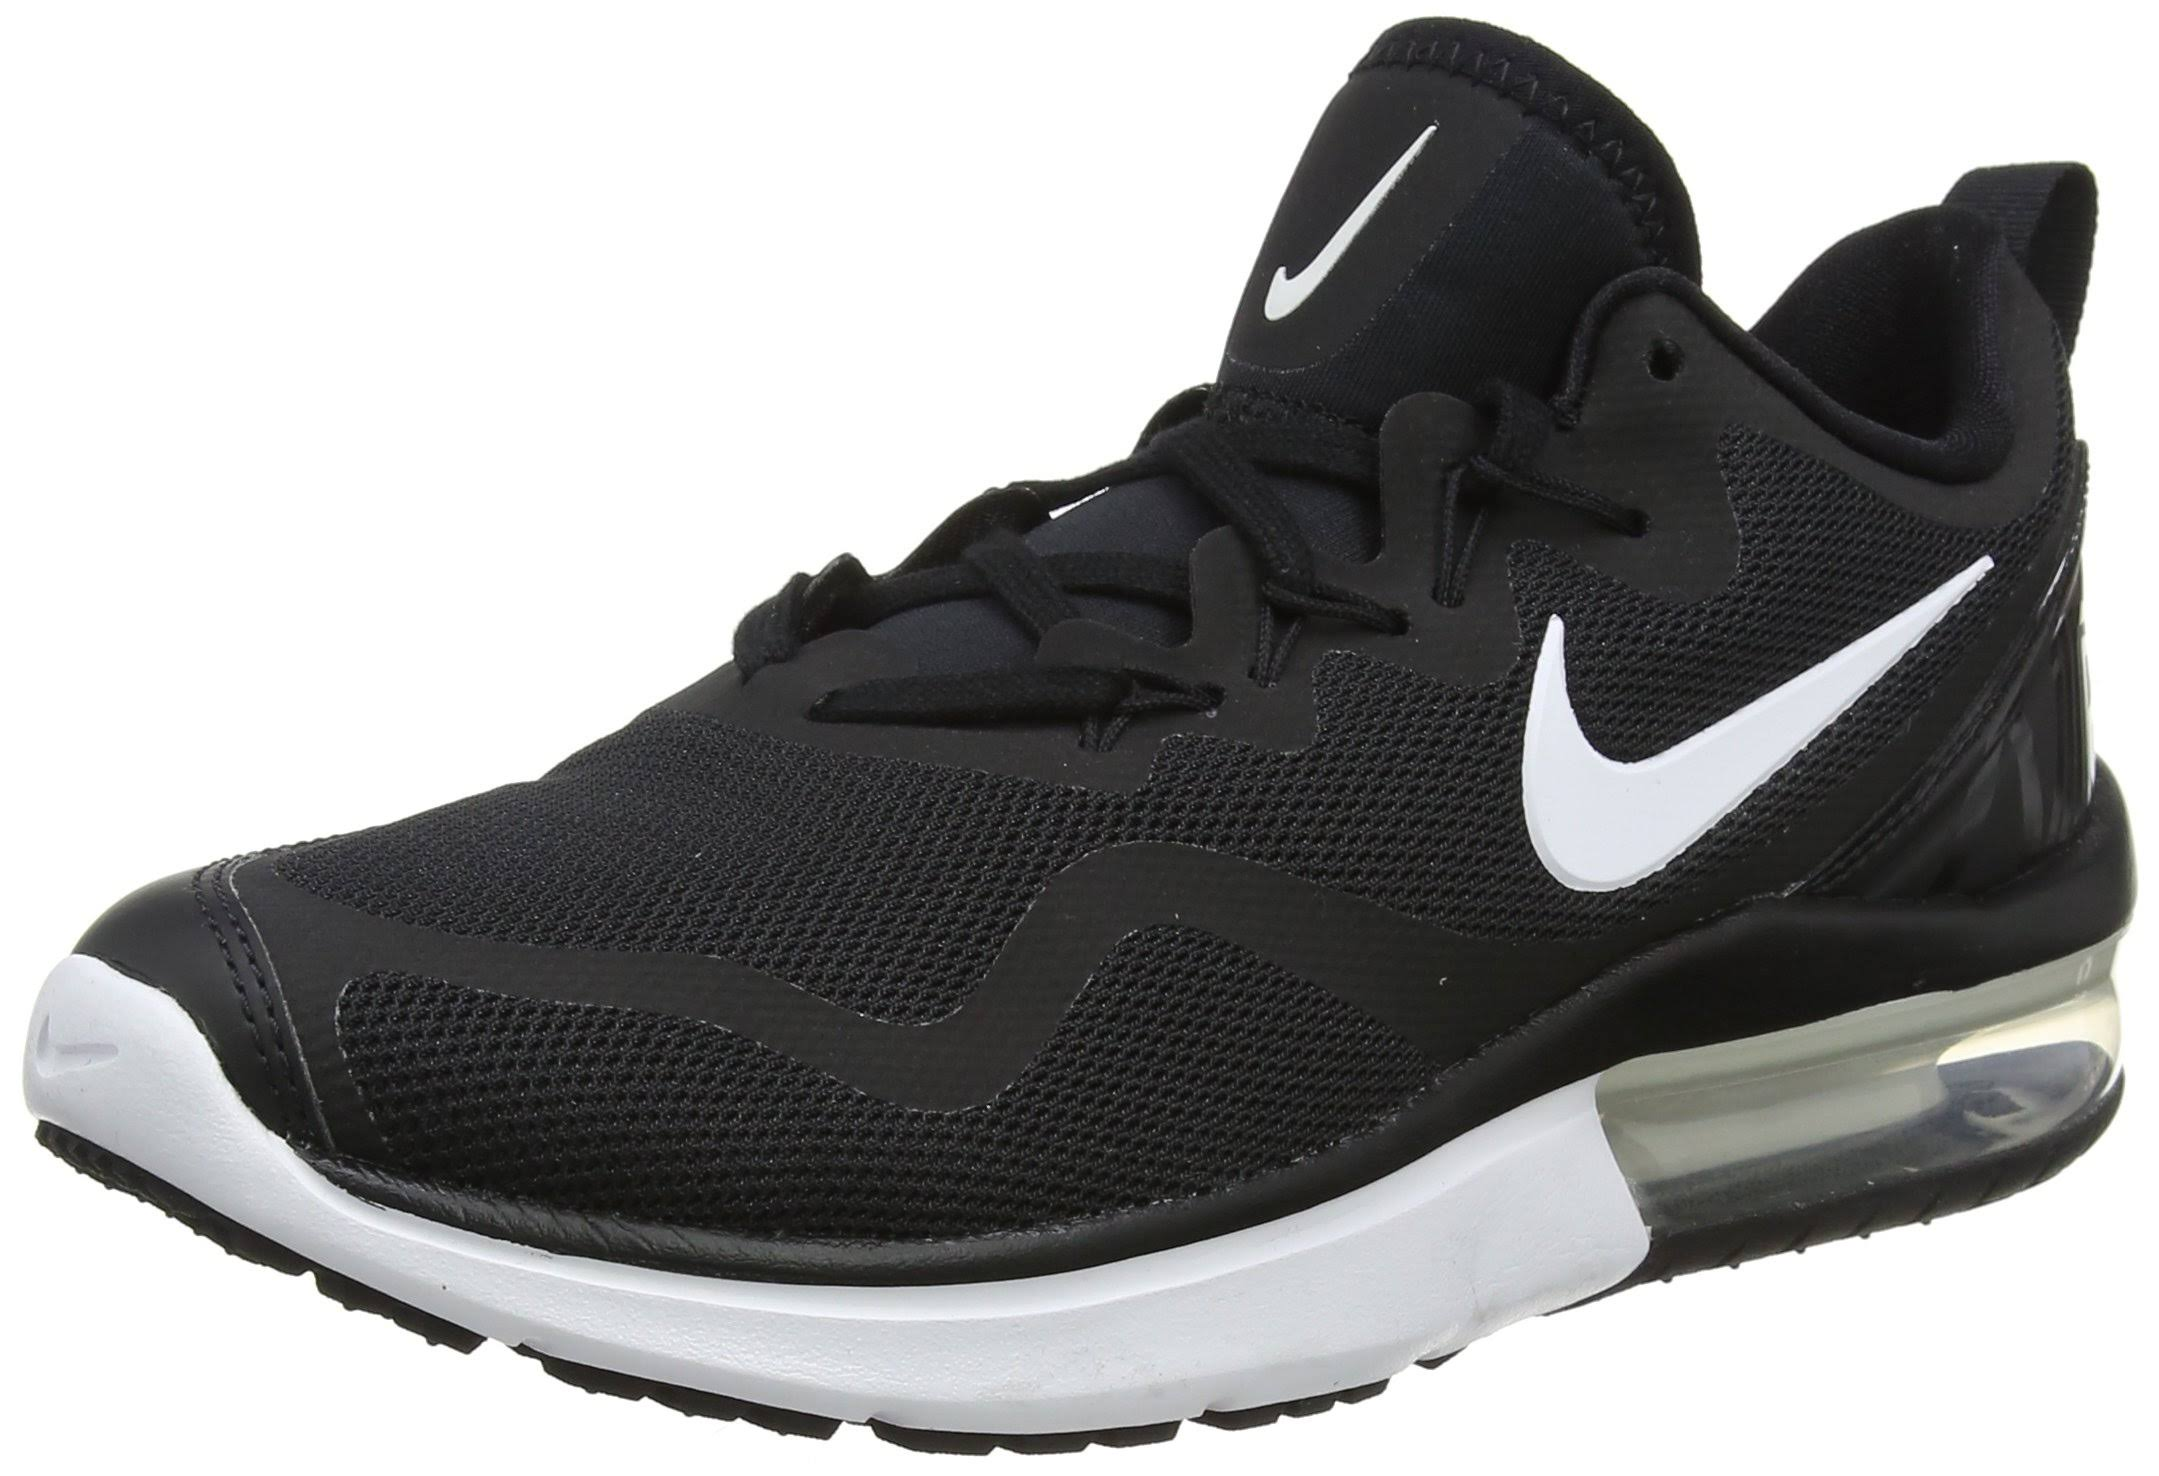 schwarz Fury 10 Max Weiß Männer Schwarz Nike Laufschuh schwarz Air Größe SxOq4Evgwn